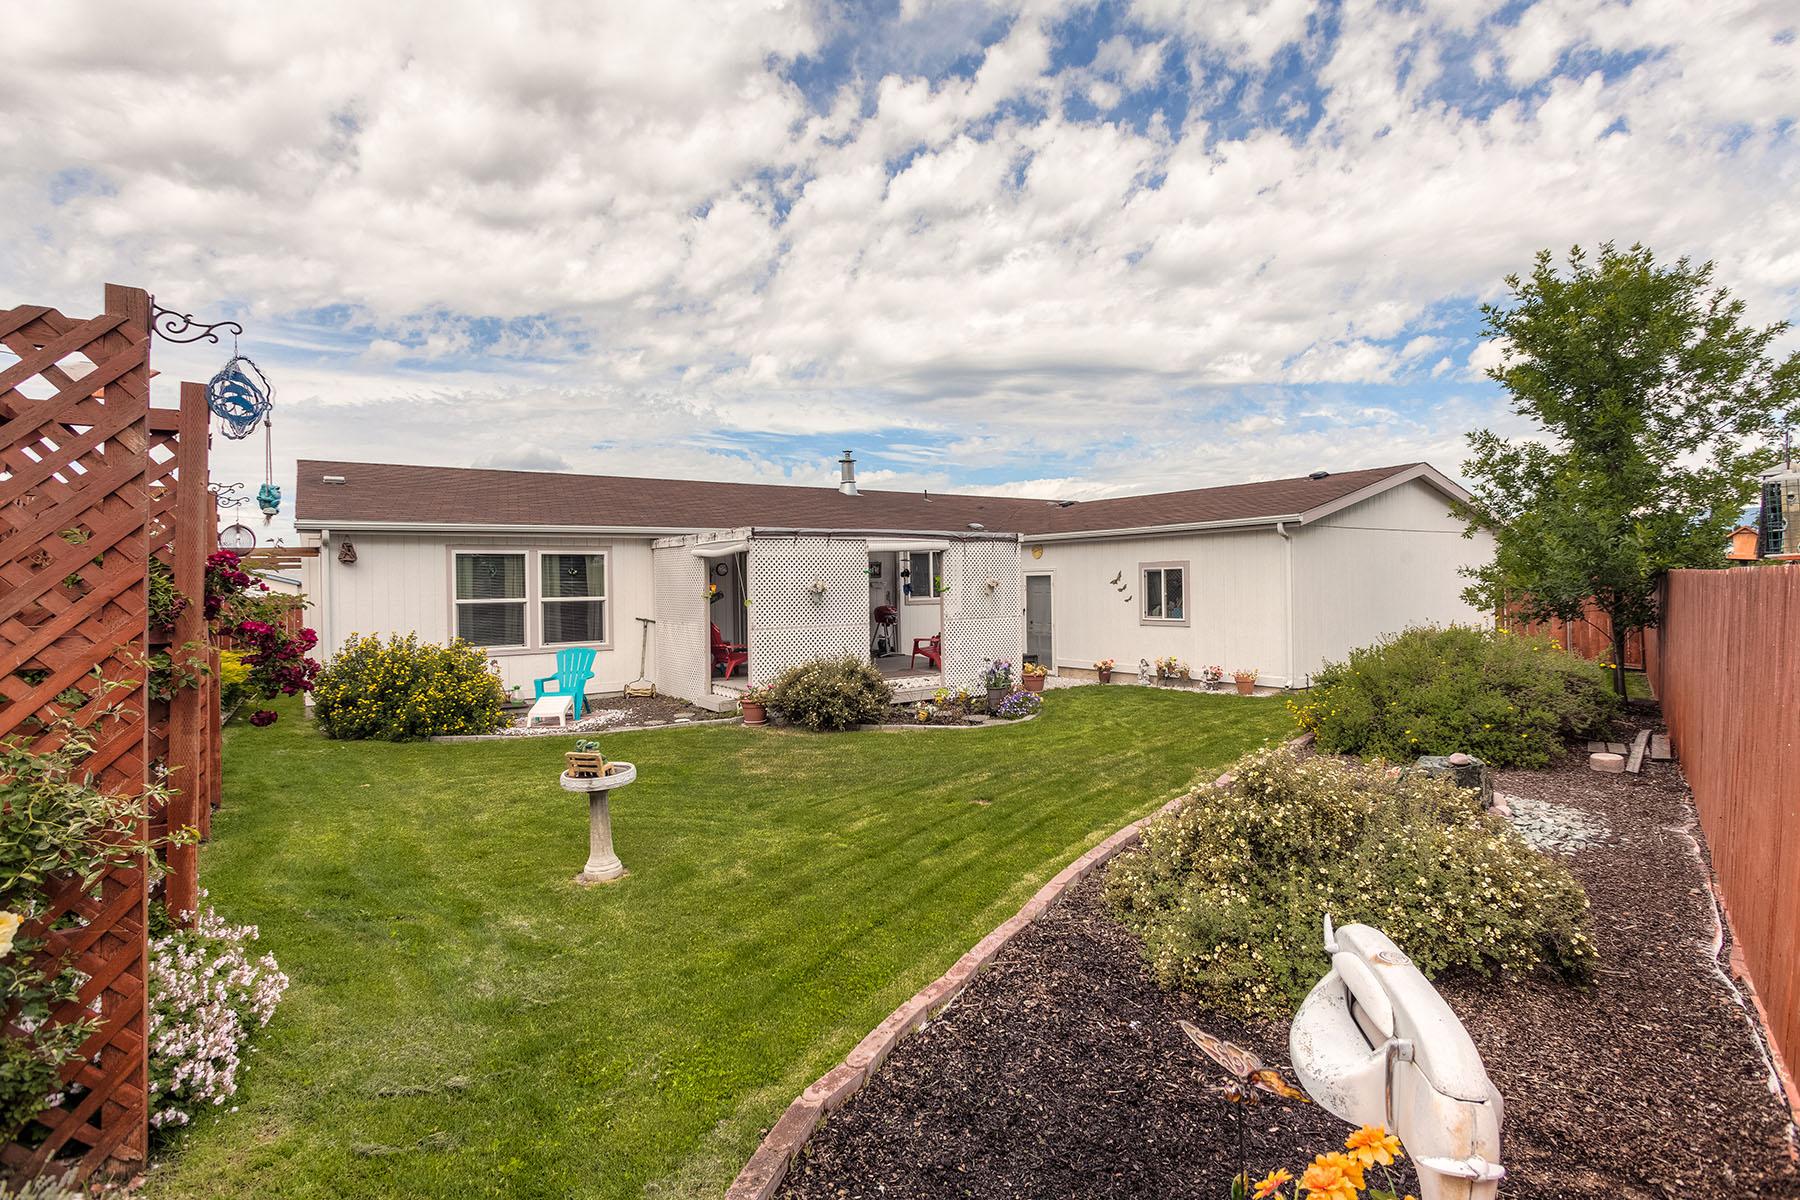 Casa Unifamiliar por un Venta en Post Falls Charmer 105 W Narcissus Ct Post Falls, Idaho, 83854 Estados Unidos